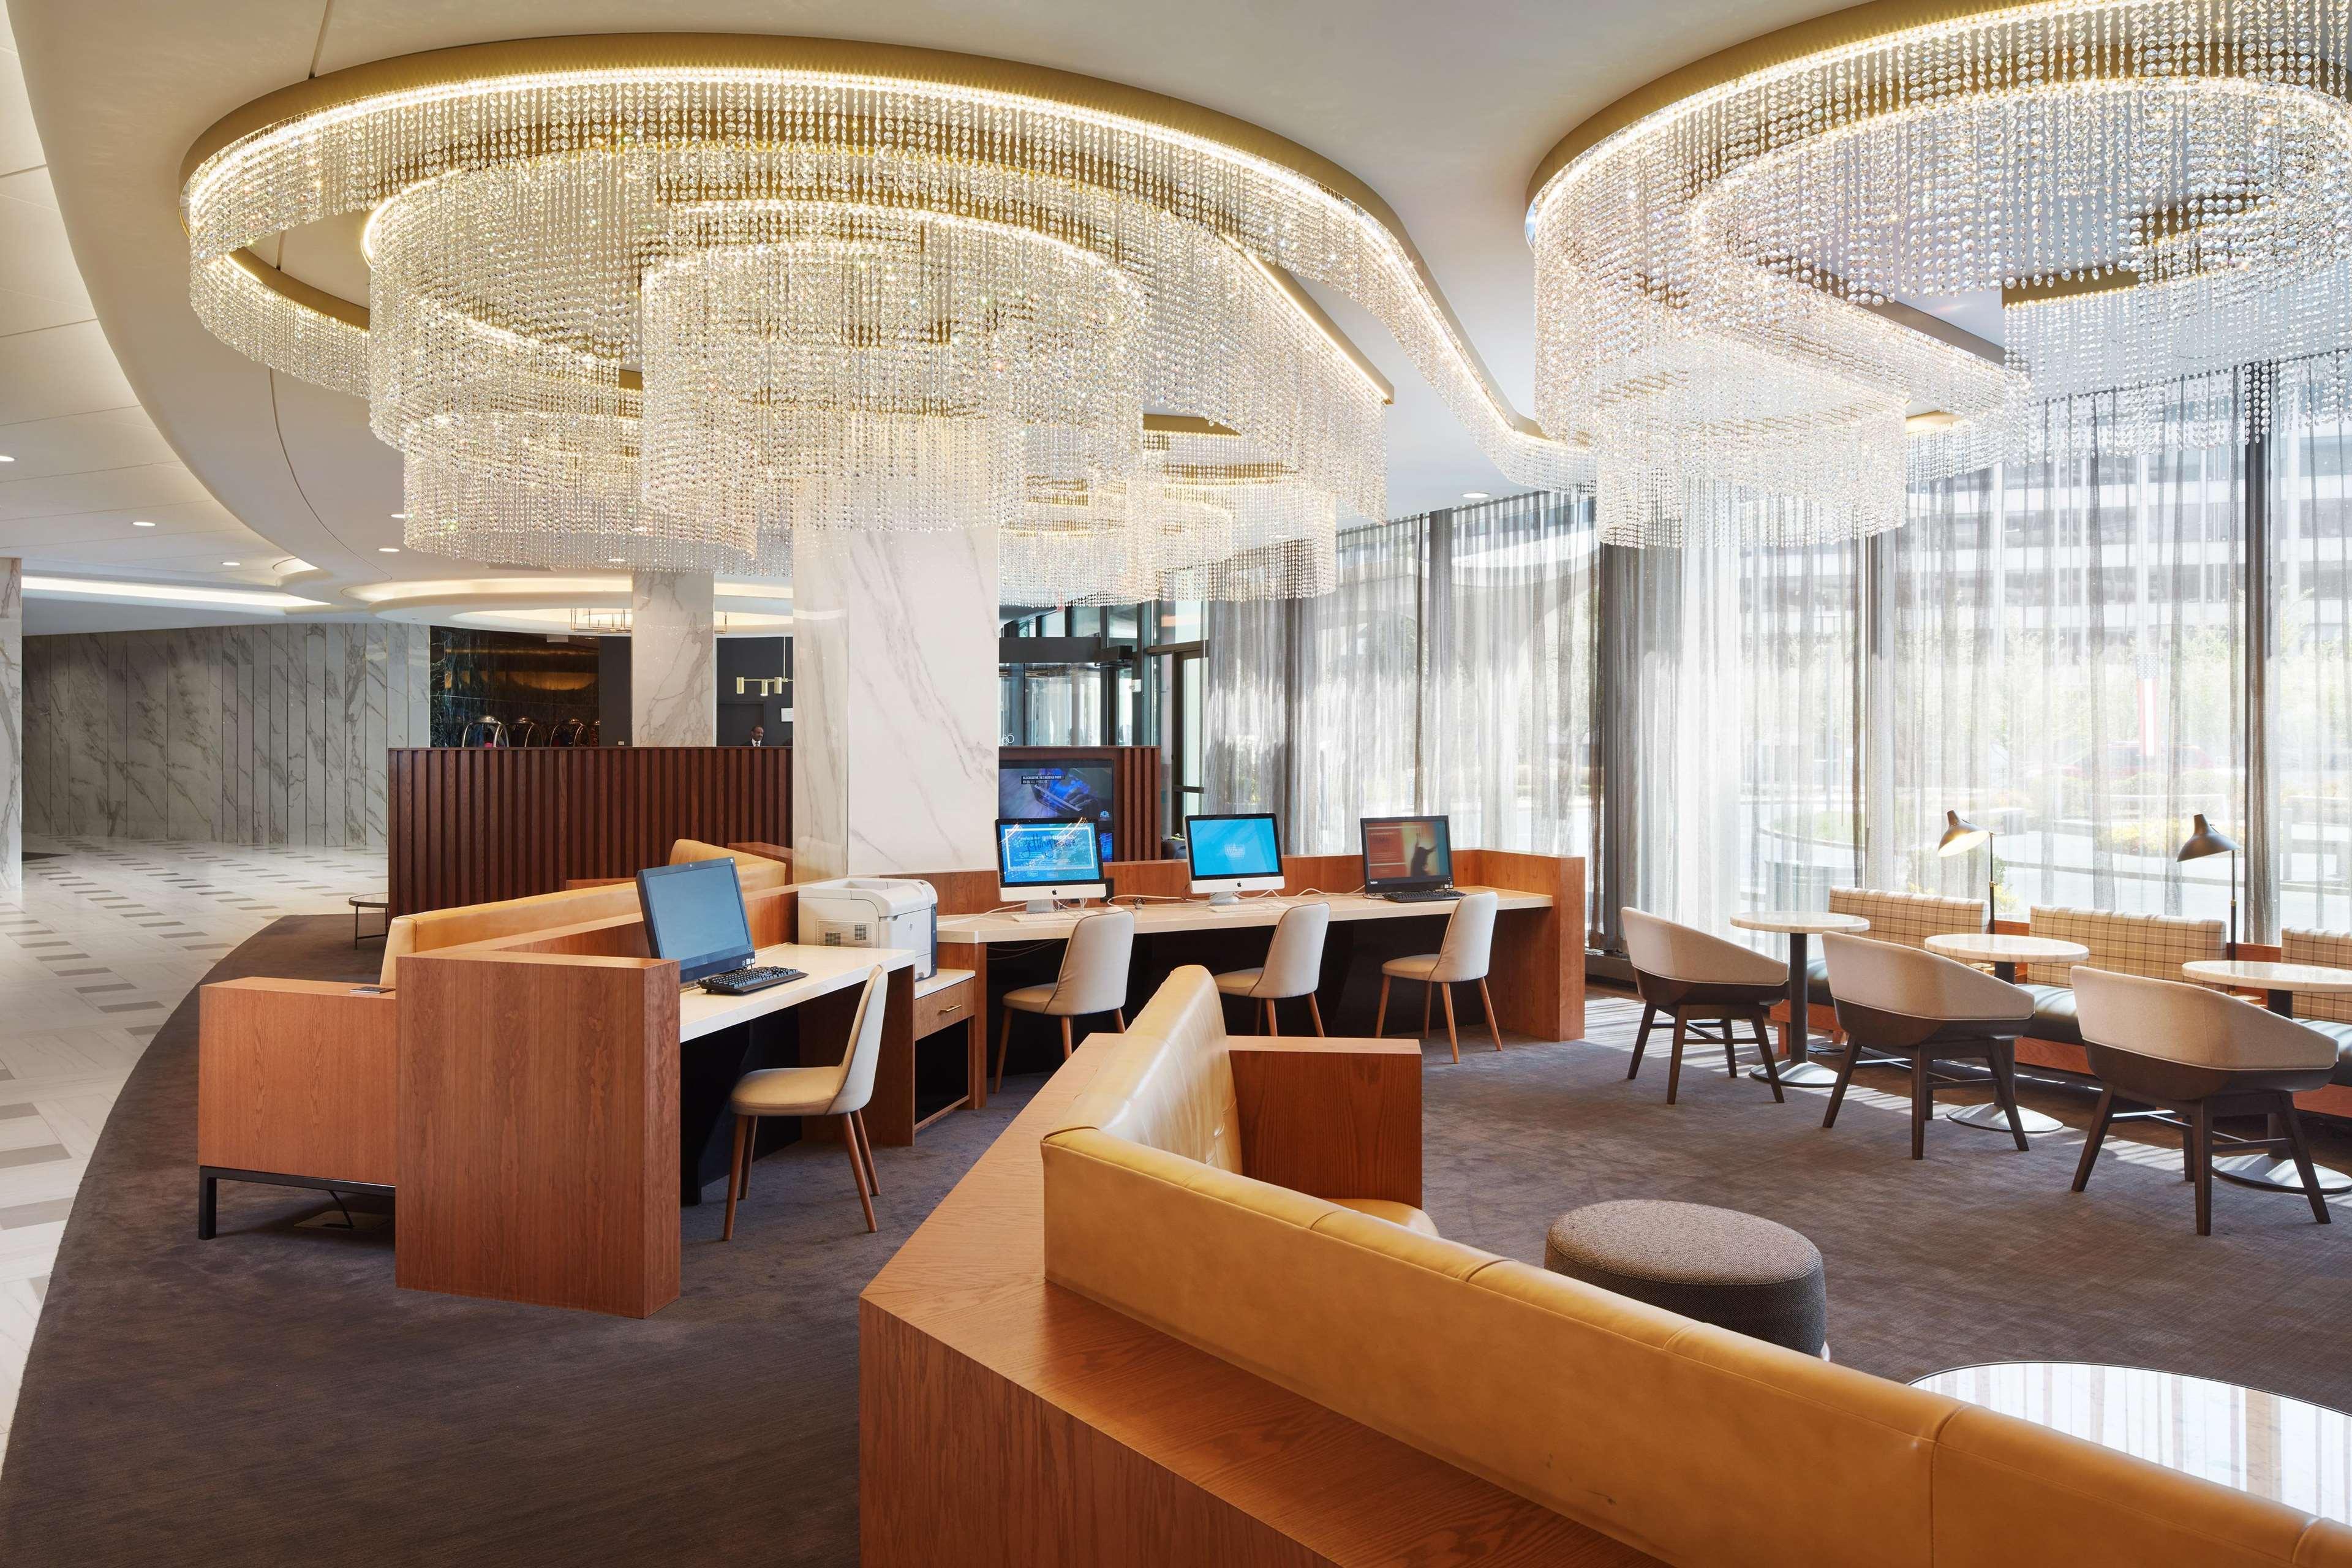 Washington Hilton image 0